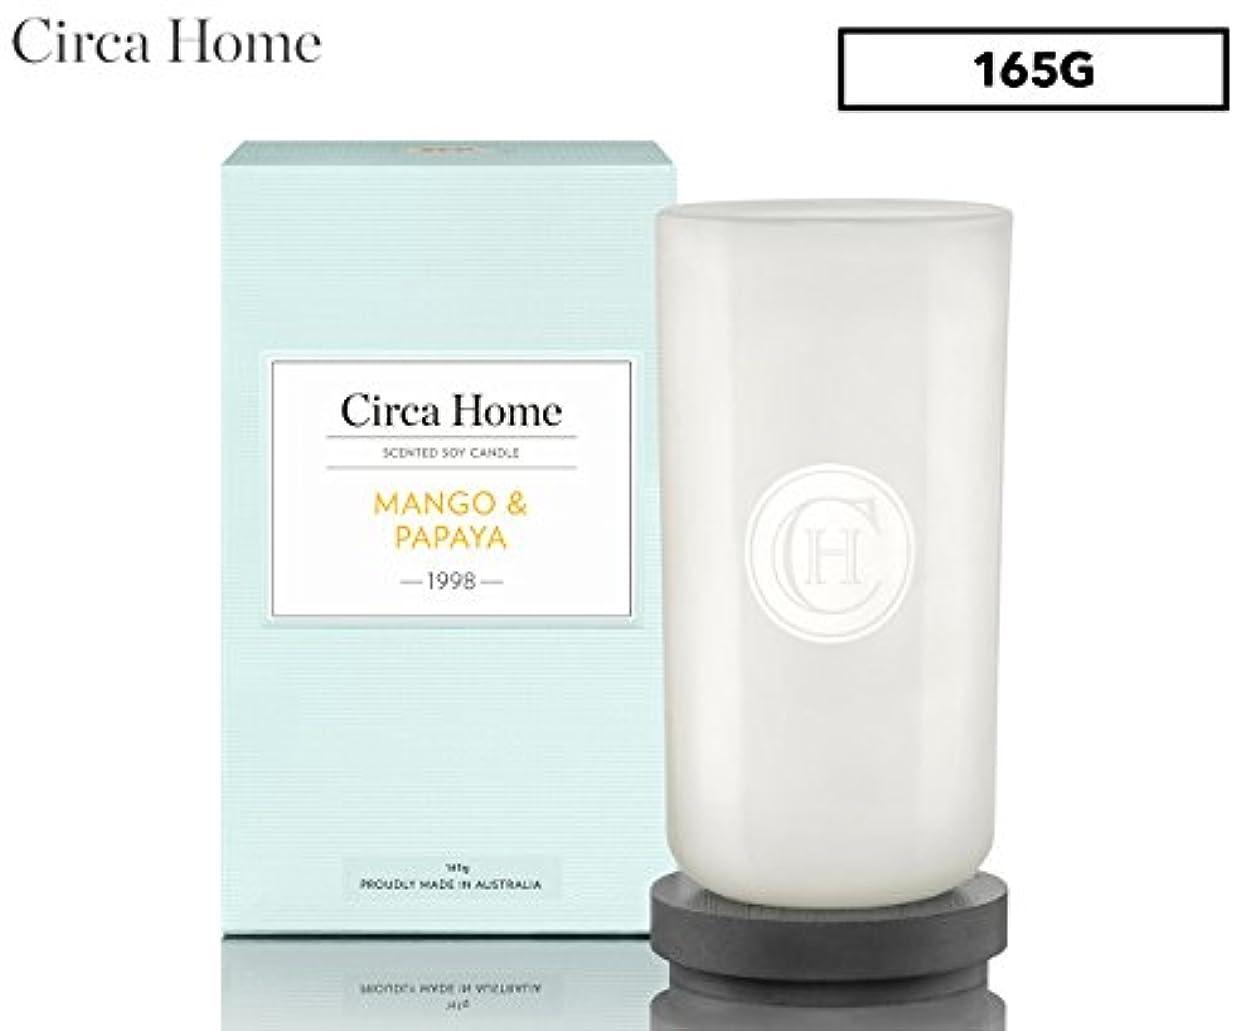 手配するストローク男Circa Home キャンドル(165g) 1998 MANGO & PAPAYA